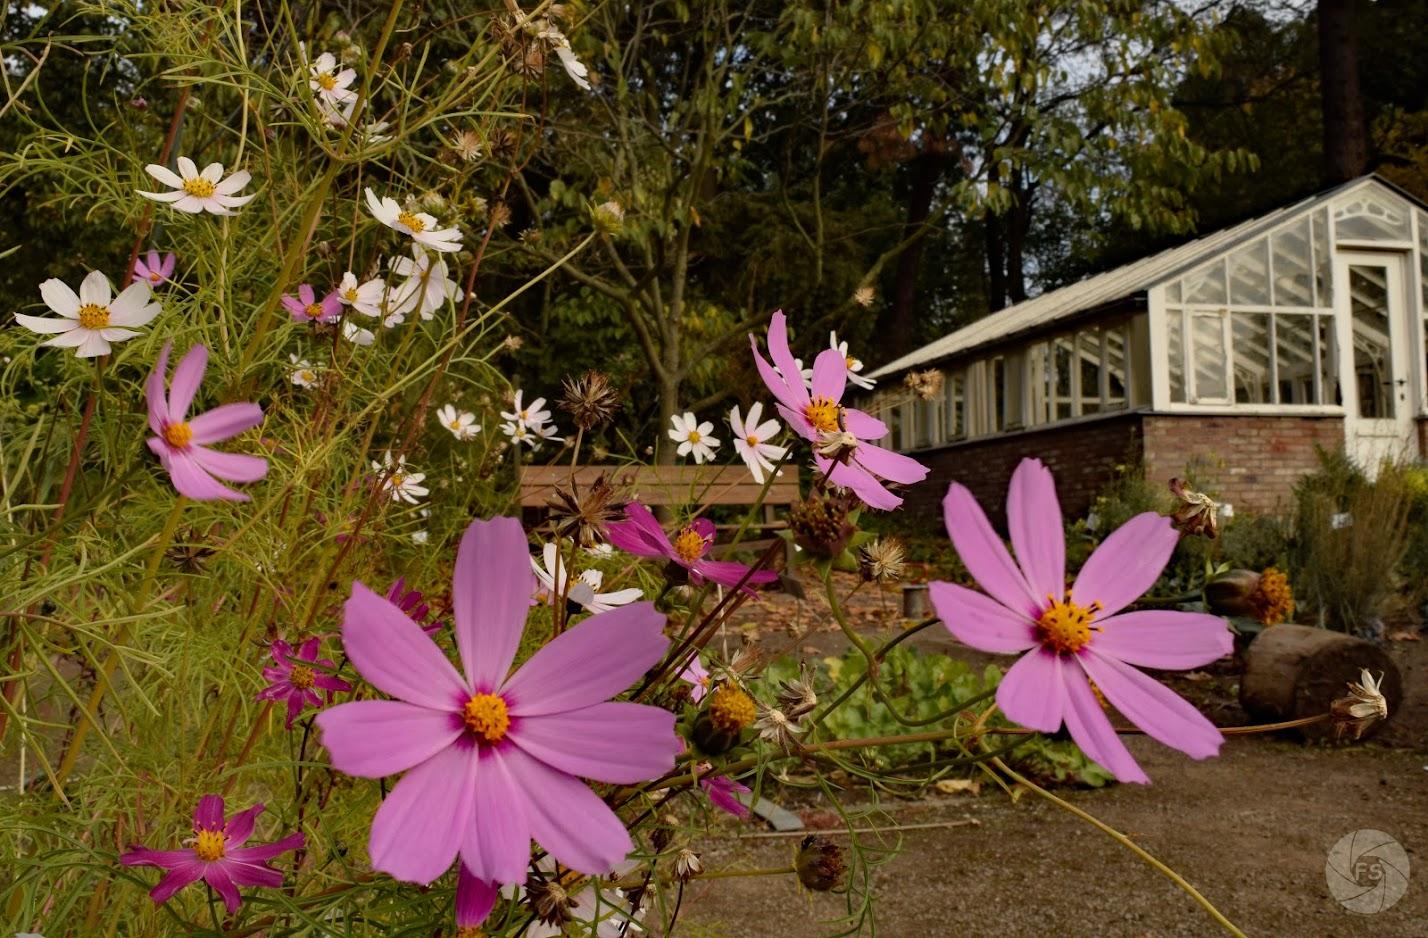 Afbeelding met buiten, plant, bloem, gras  Automatisch gegenereerde beschrijving